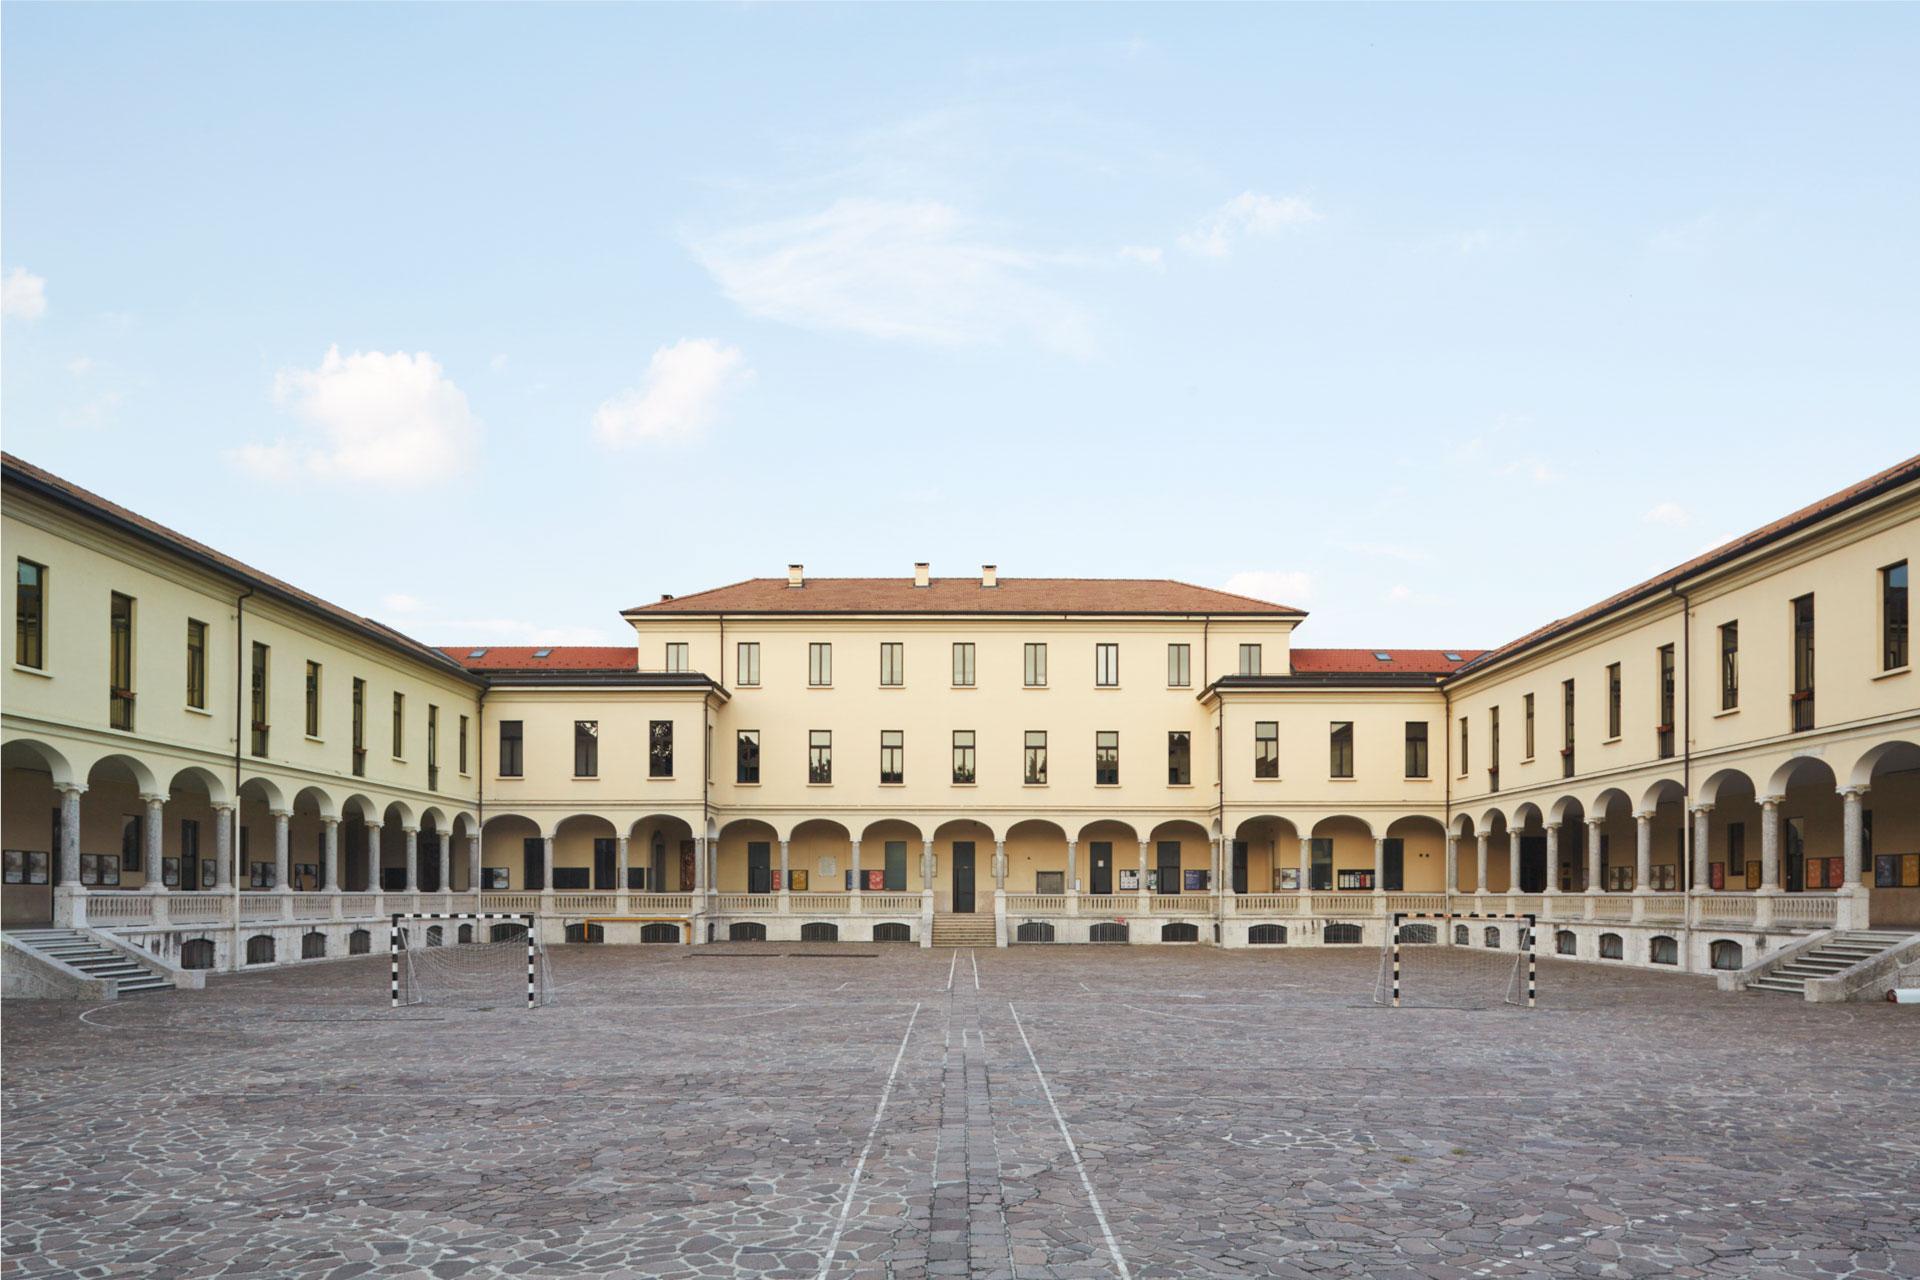 La sede di Monza del Collegio Villoresi